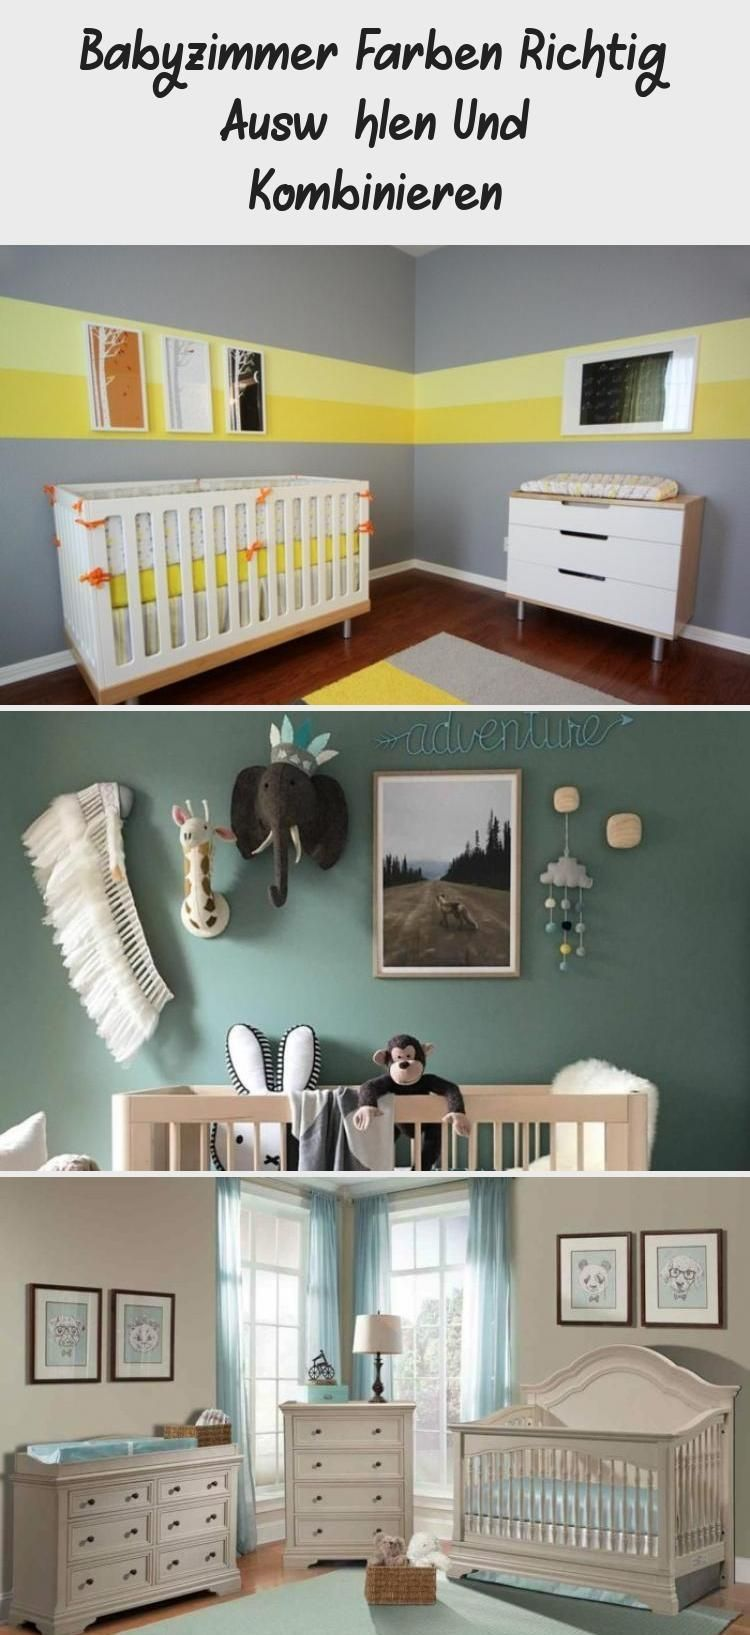 Farben Im Kinderzimmer Richtig Auswahlen Und Kombinieren Sessel